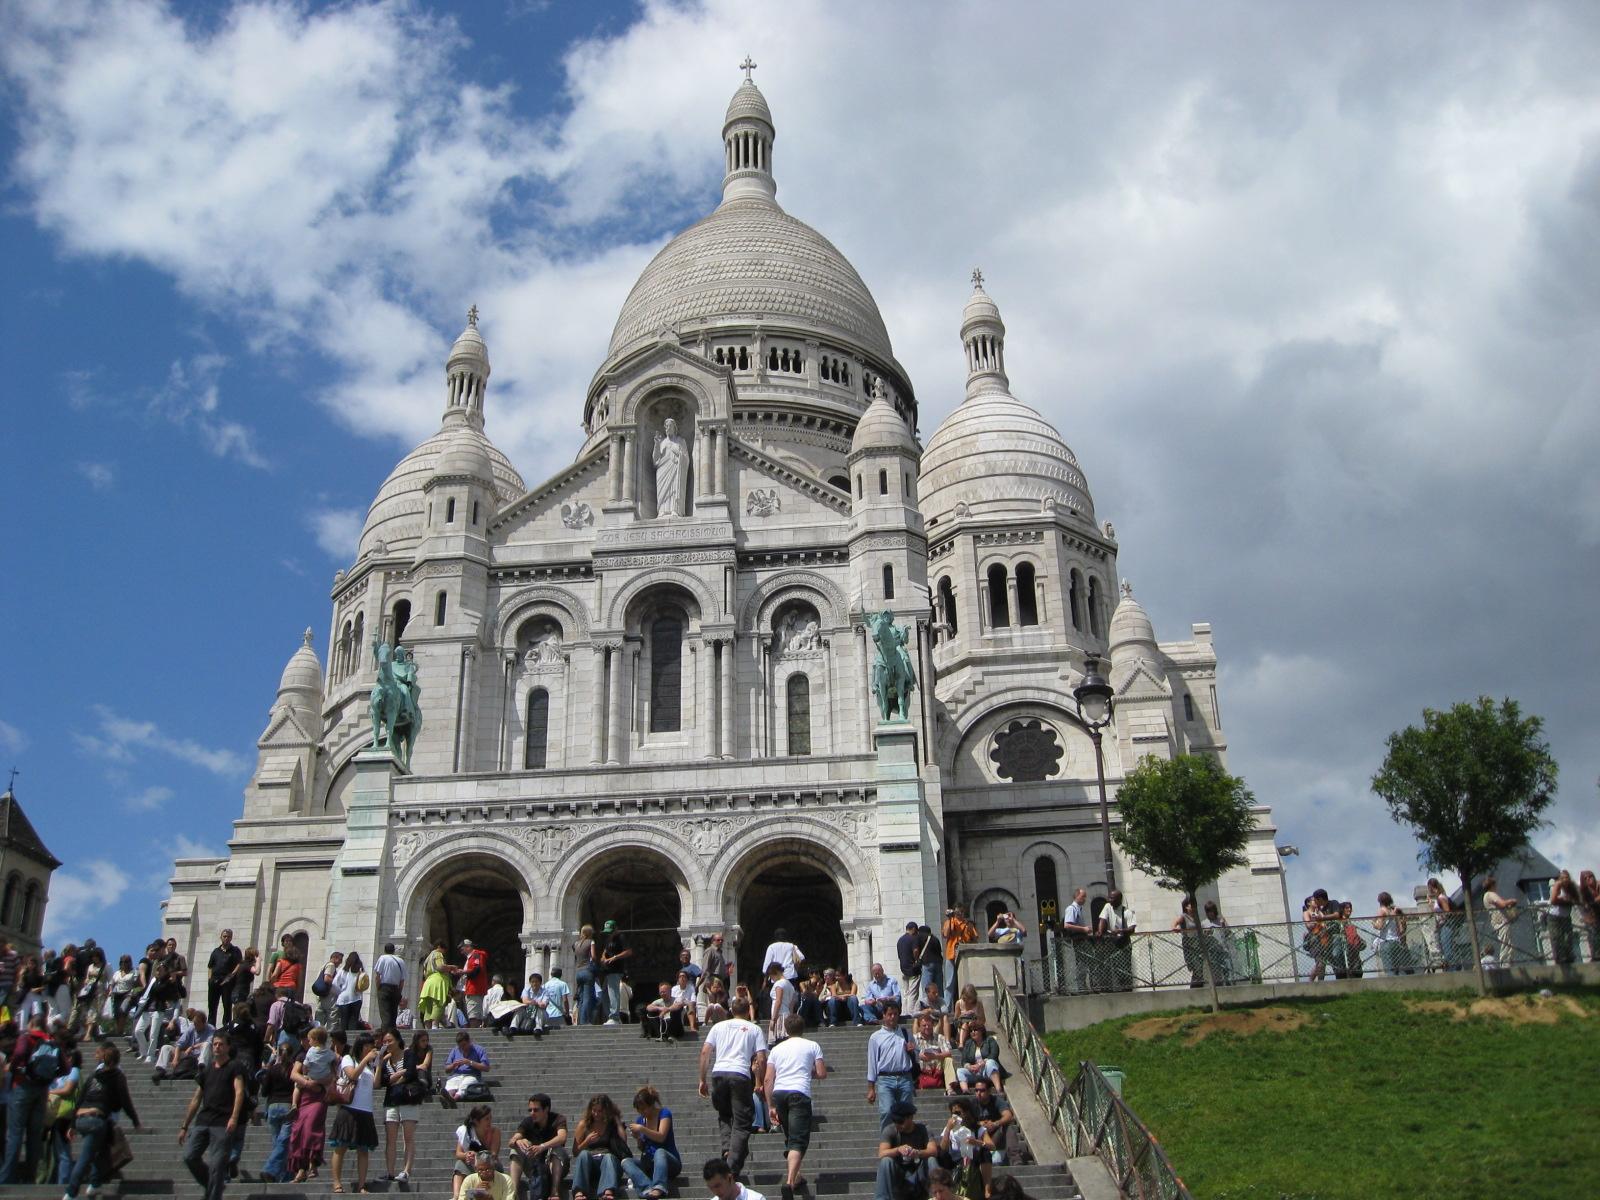 法國旅遊美食 fr.voyage-cuisine.com: 巴黎特搜【 巴黎必看景點